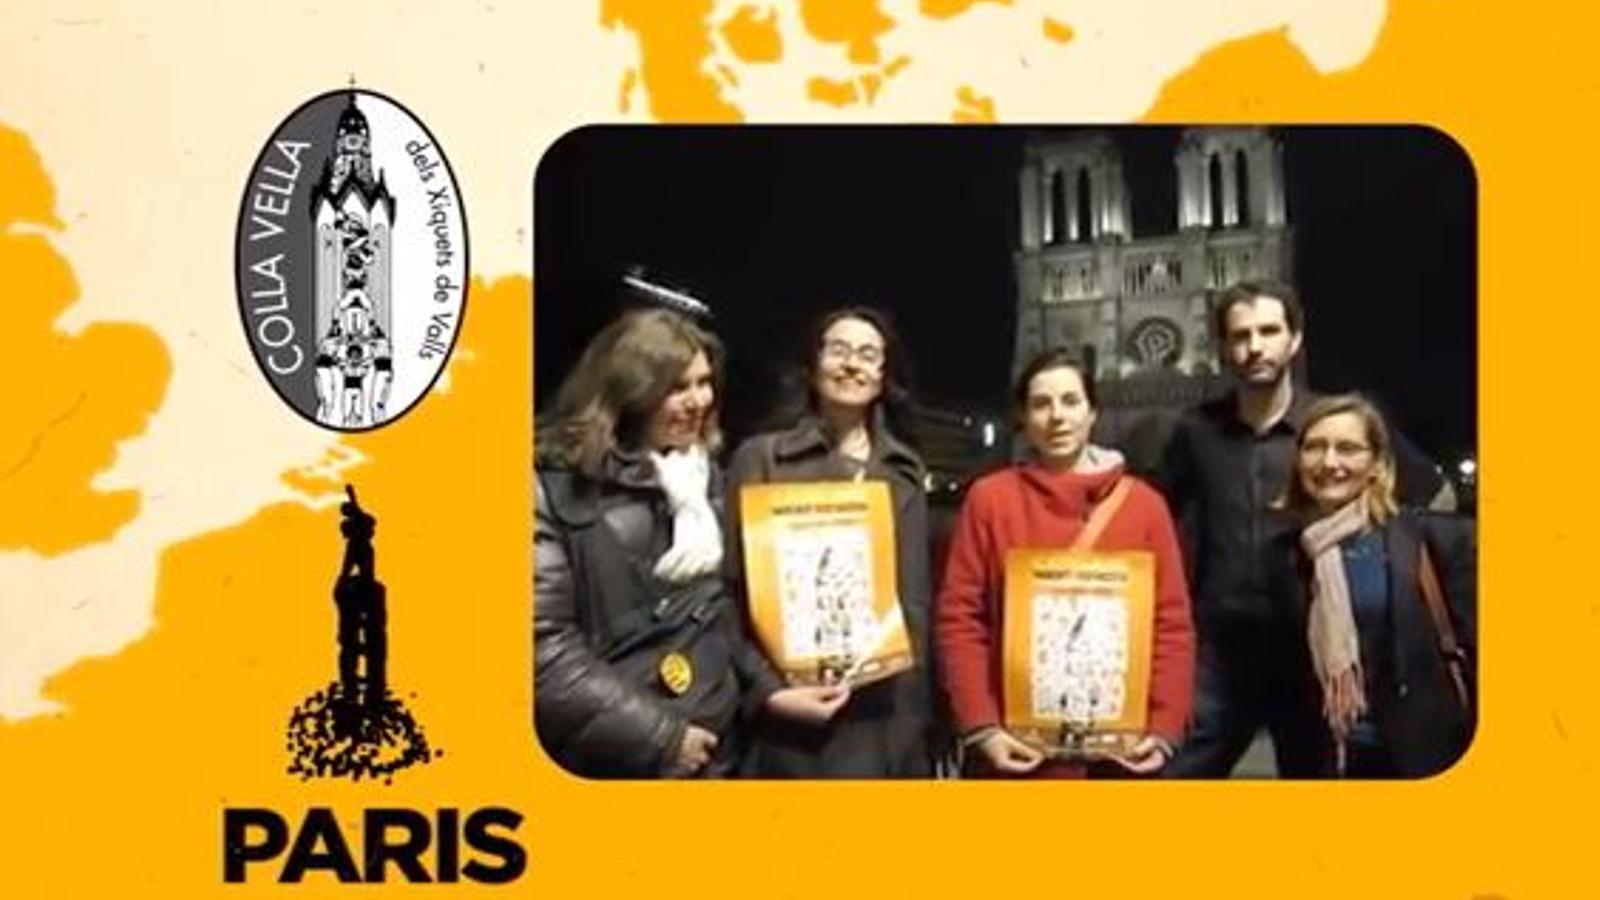 Acció 'Human towers for democracy' d'Òmnium Cultural, que aixecarà castells a ciutats d'Europa per internacionalitzar el procés. Prèvia París